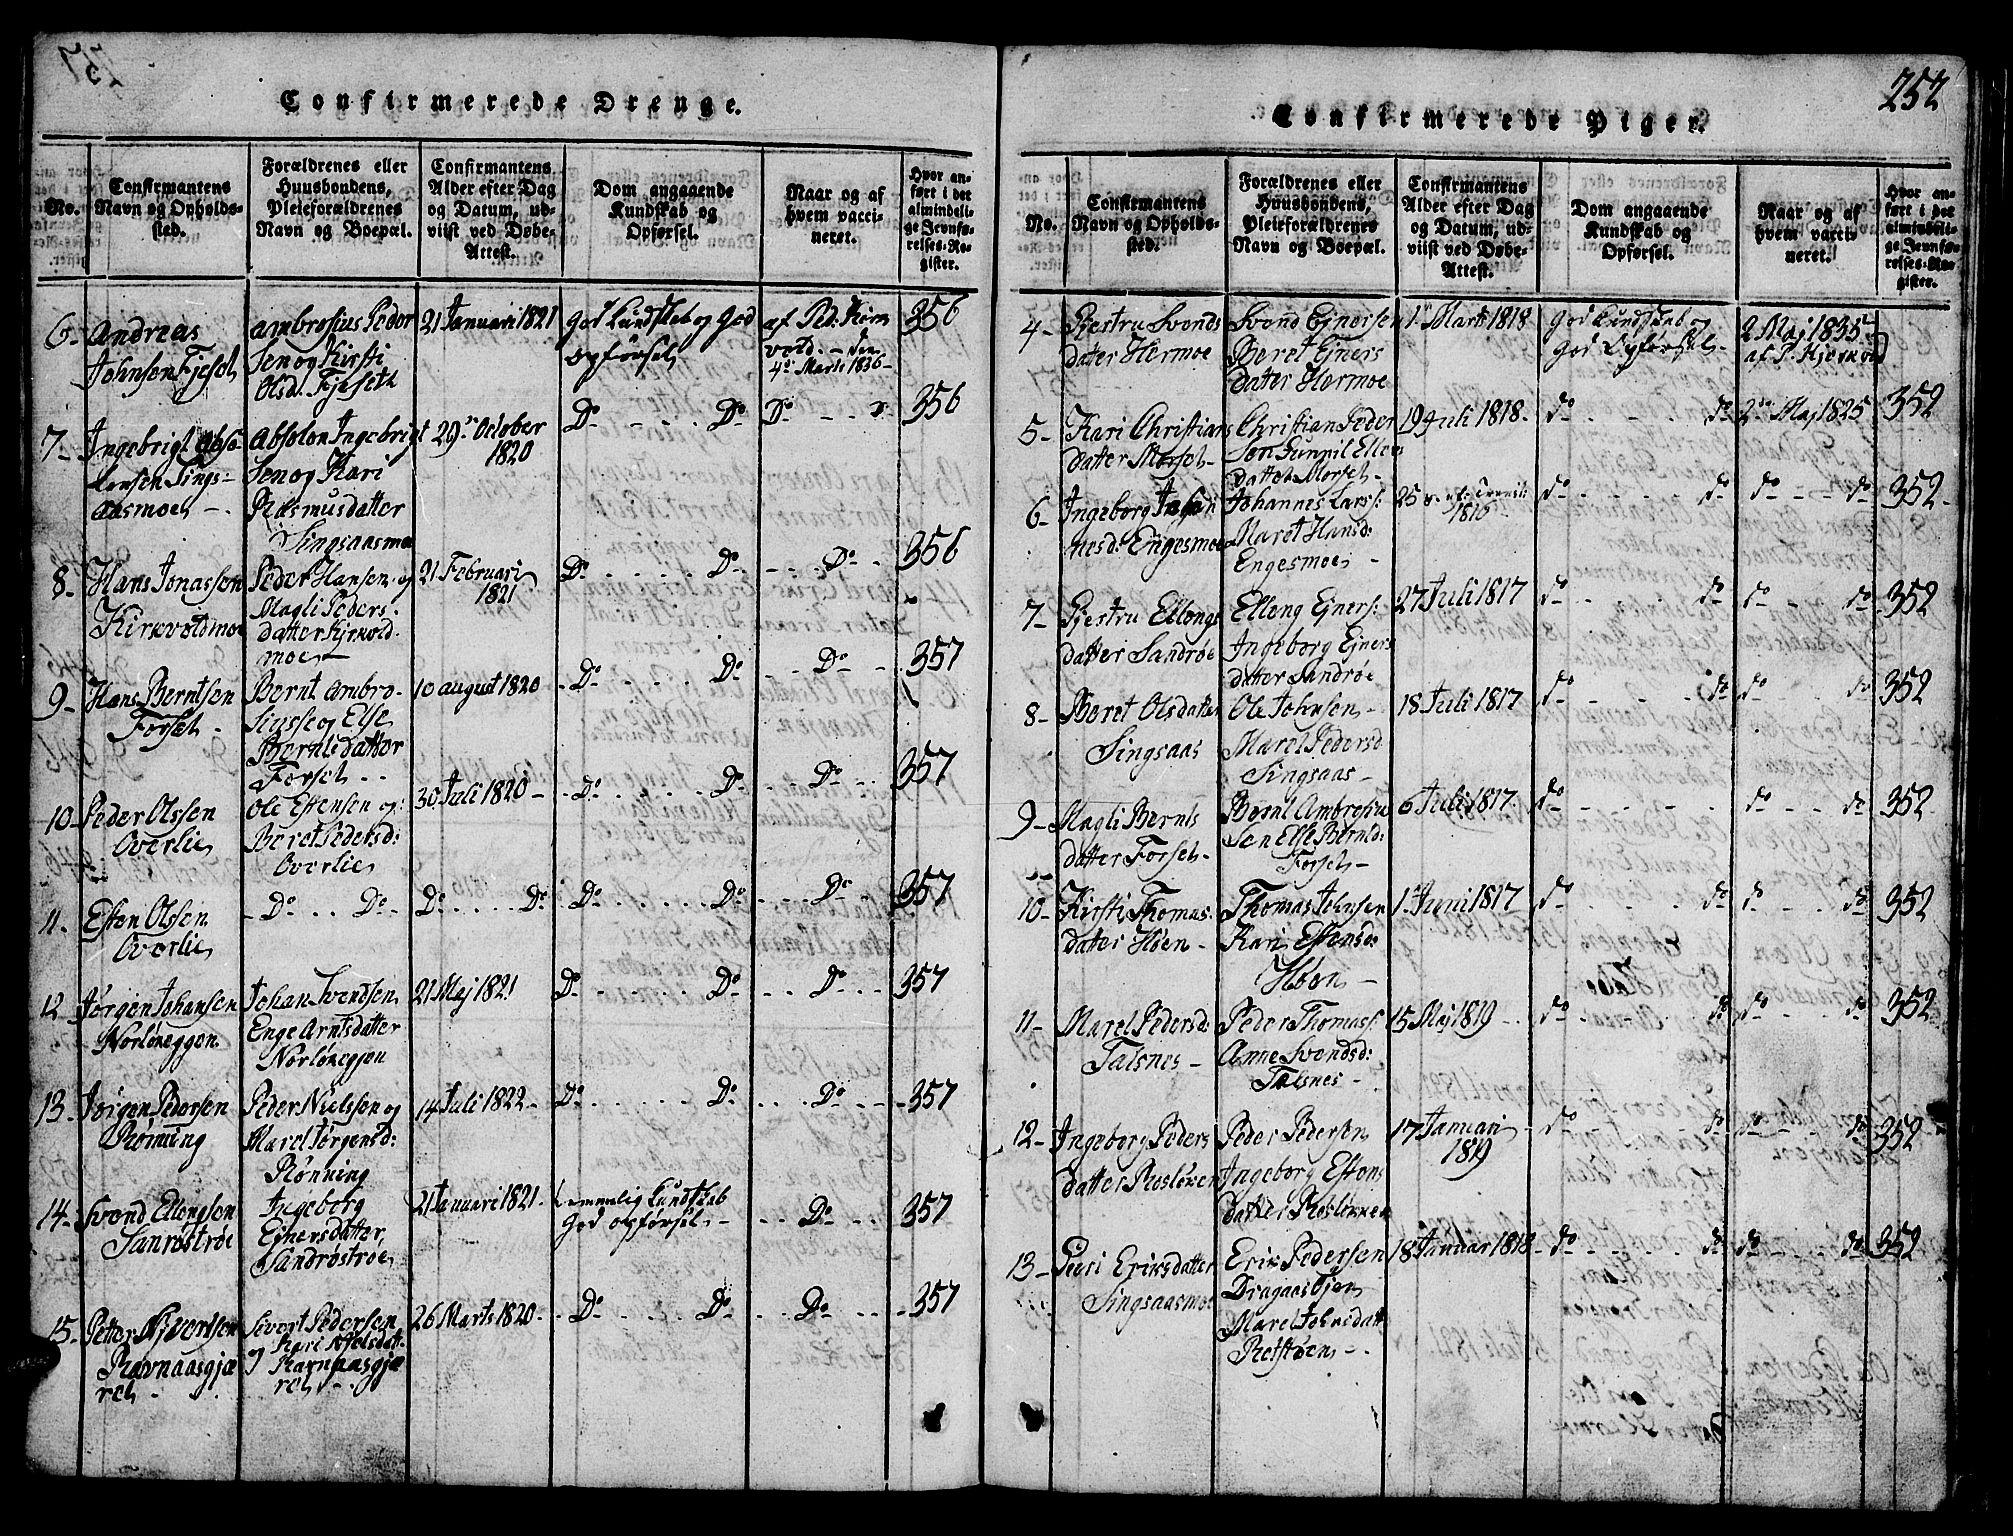 SAT, Ministerialprotokoller, klokkerbøker og fødselsregistre - Sør-Trøndelag, 688/L1026: Klokkerbok nr. 688C01, 1817-1860, s. 252